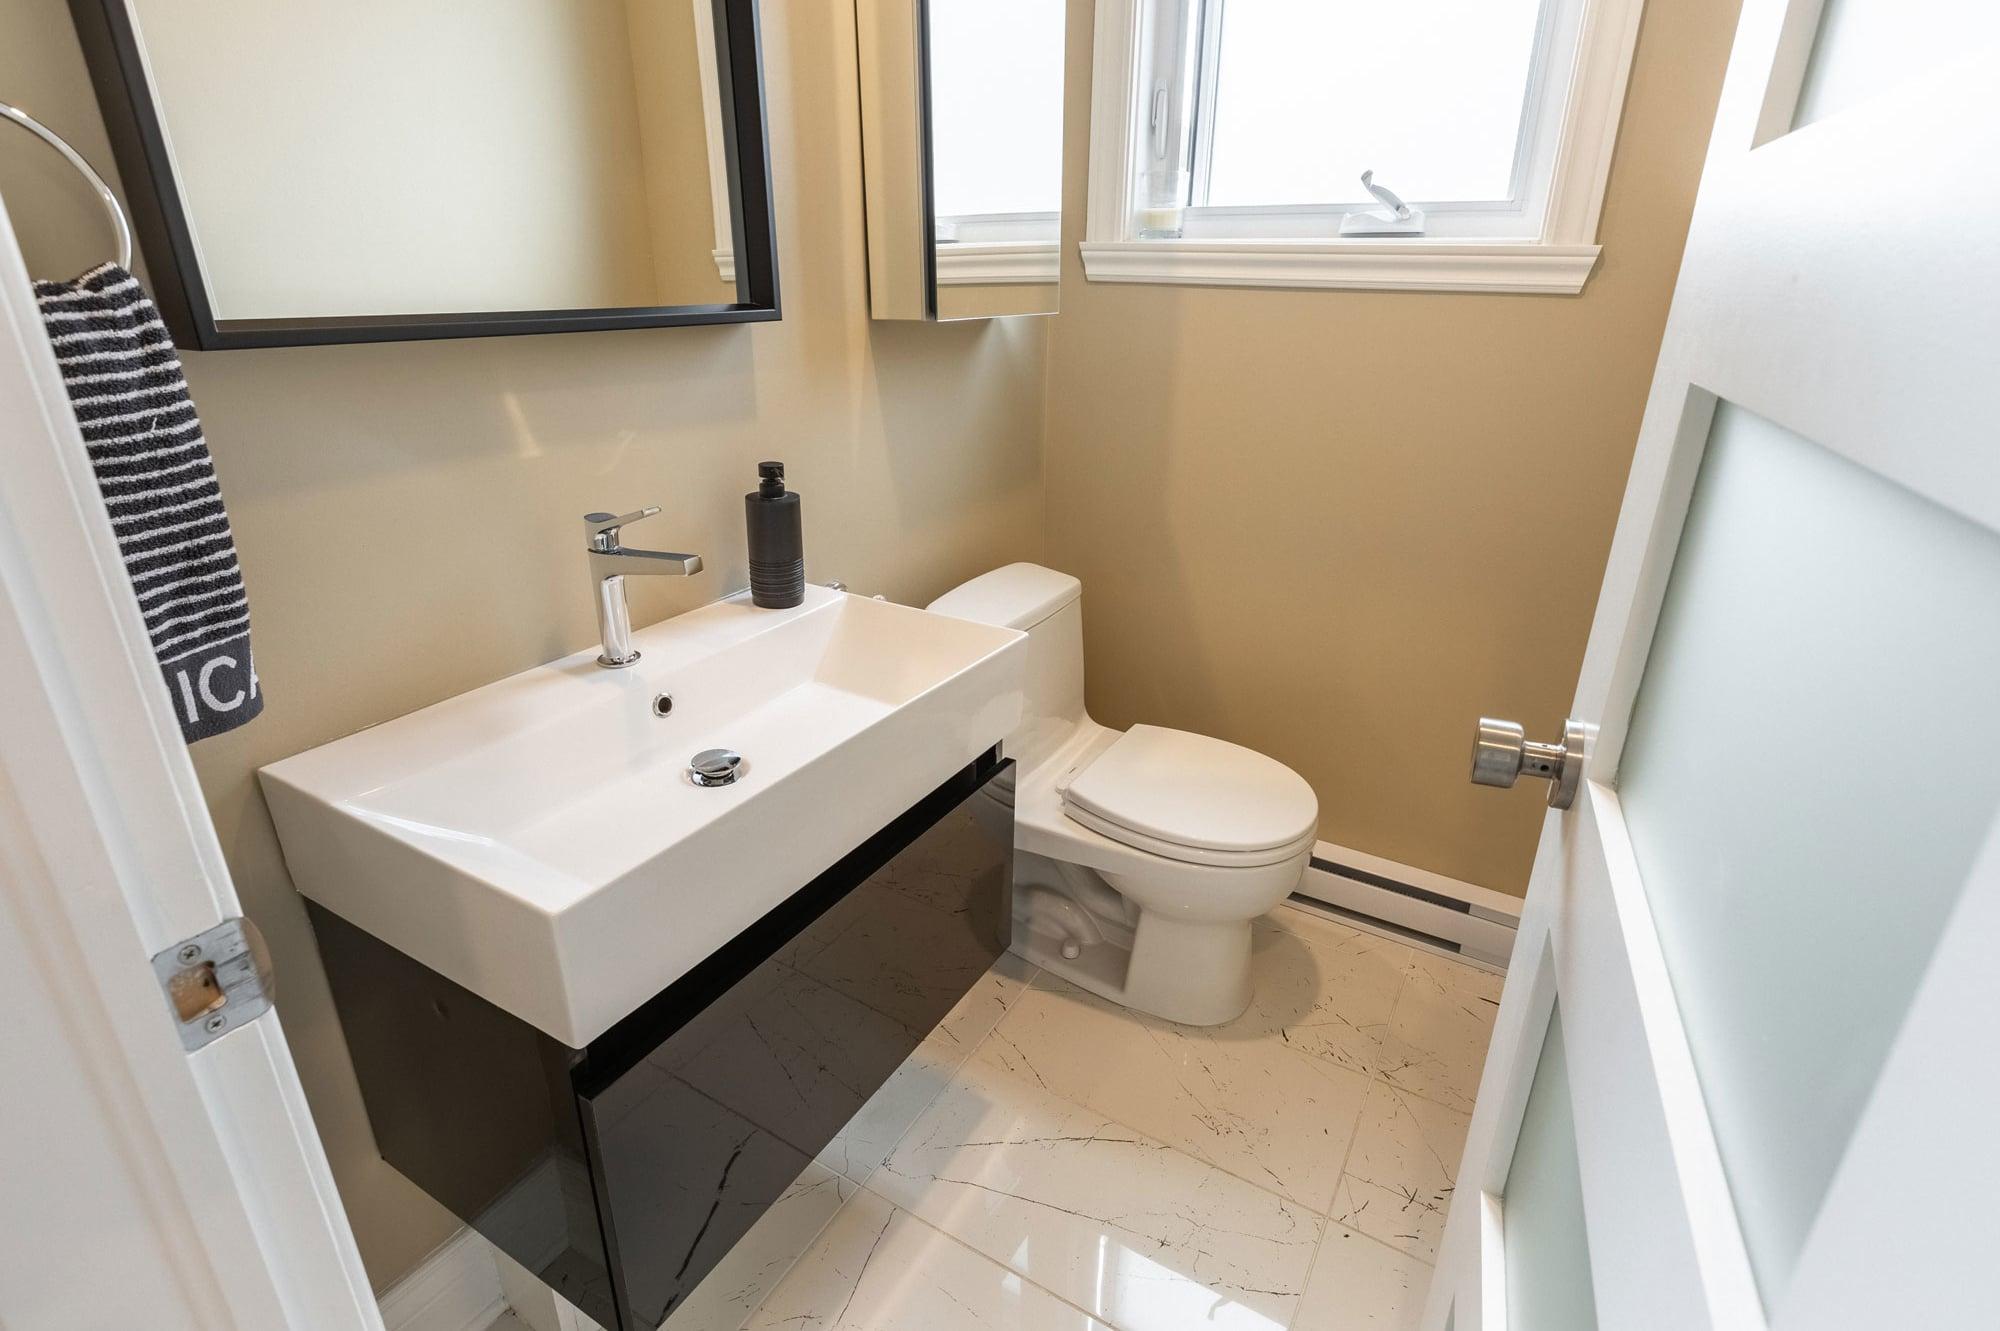 salle d'eau beige avec vanité autoportante